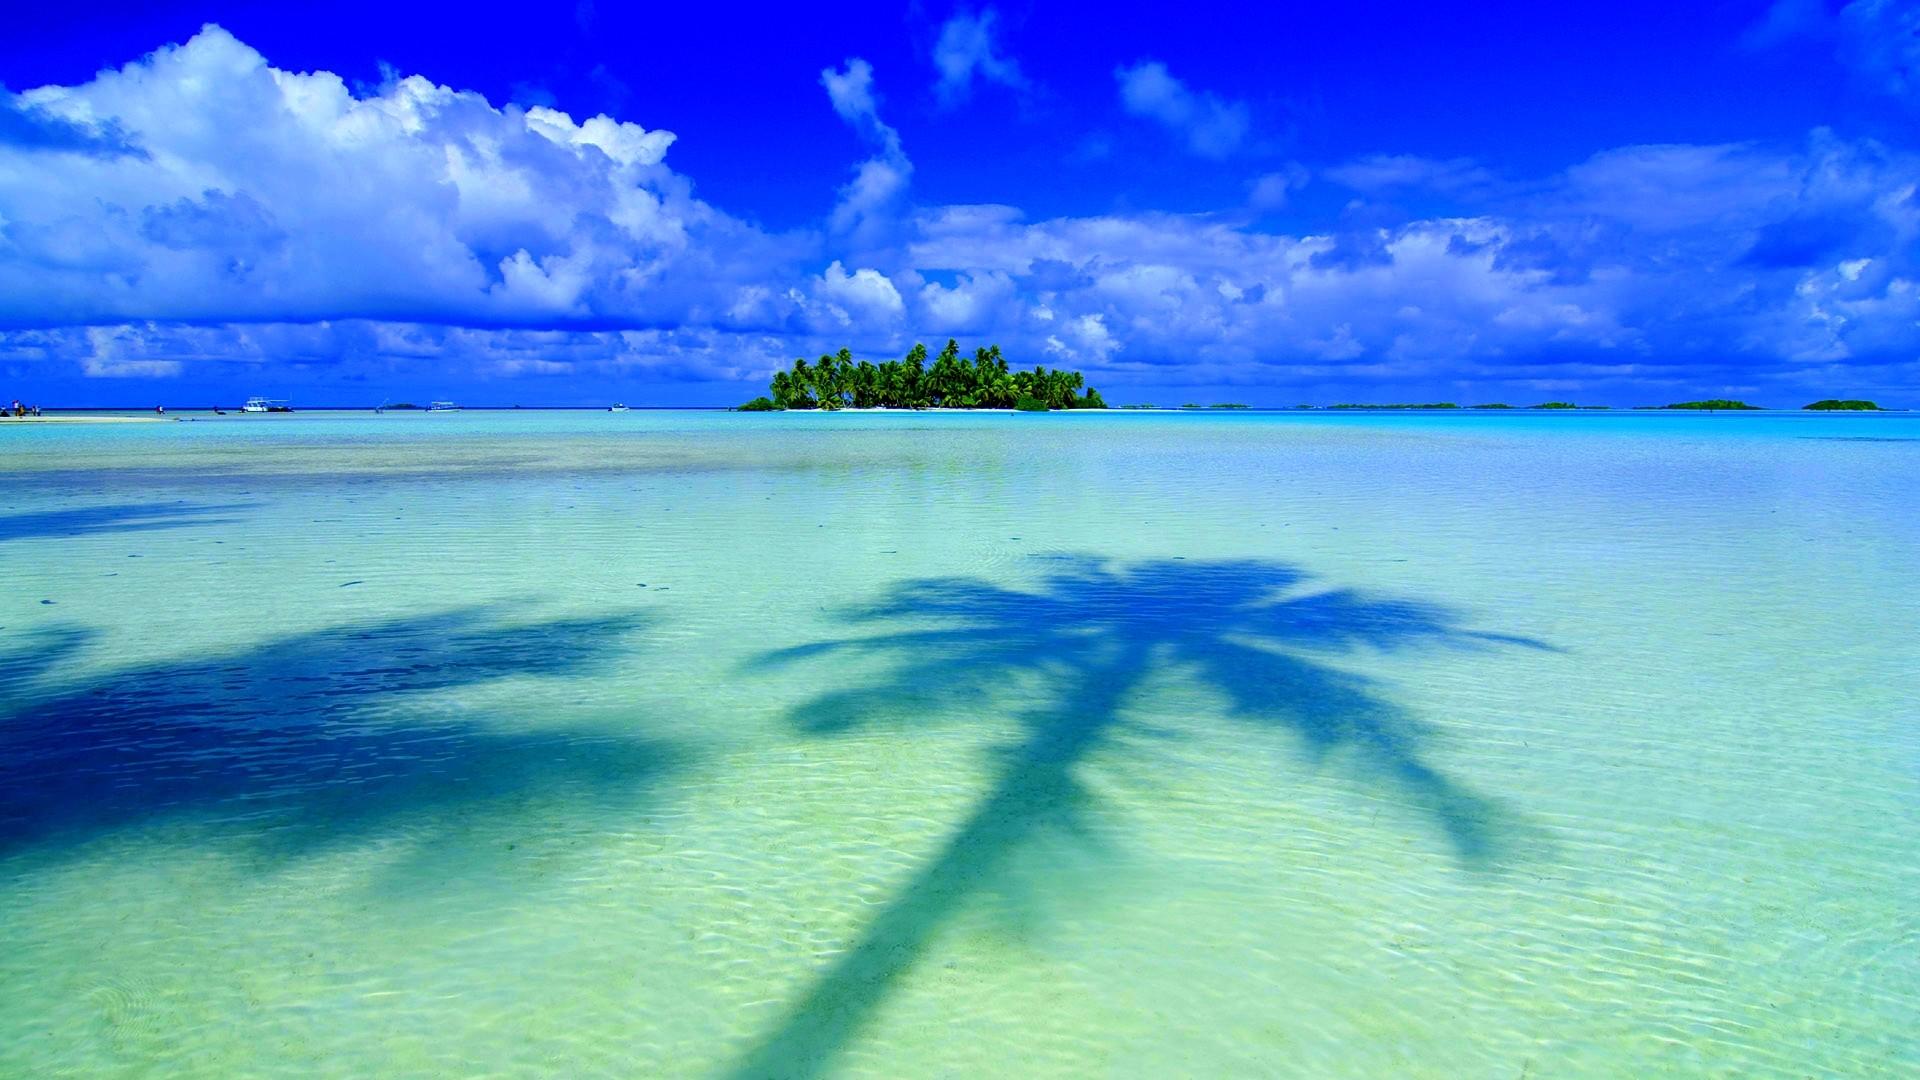 Download Wallpaper Macbook Tropical - 856844-wallpaper-tropical-1920x1080-macbook  Image_432388.jpg